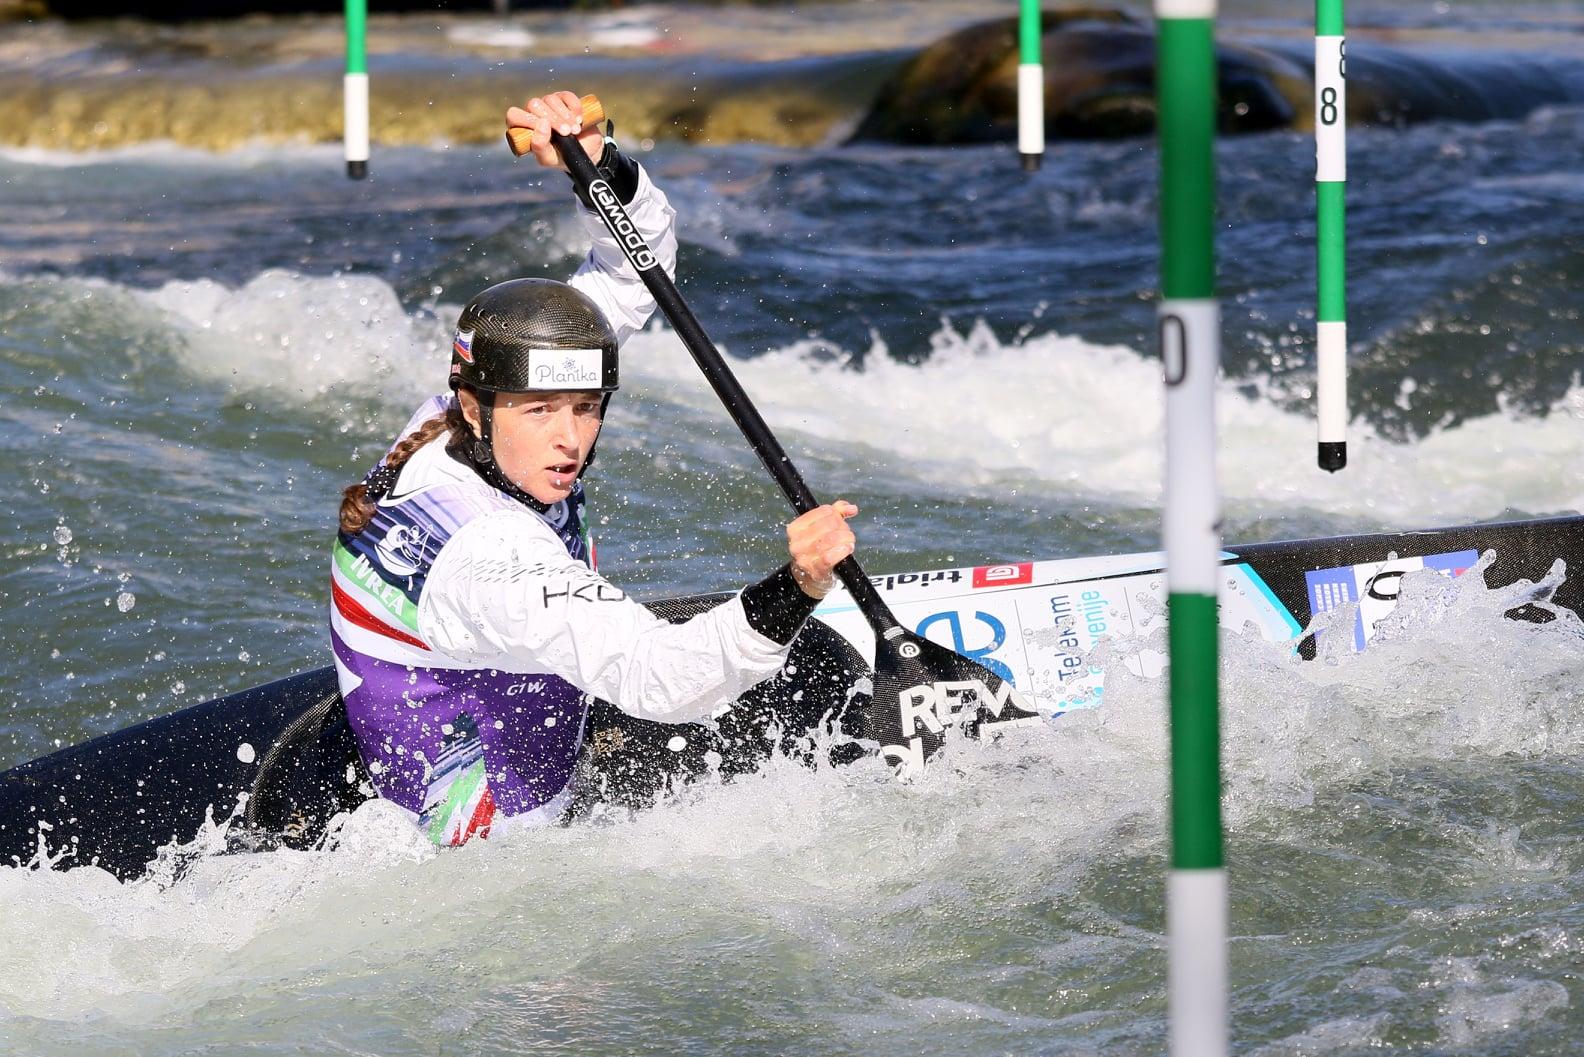 Immagine per Una 24enne di Nova Gorica protagonista alle Olimpiadi. E arriva la torcia olimpica